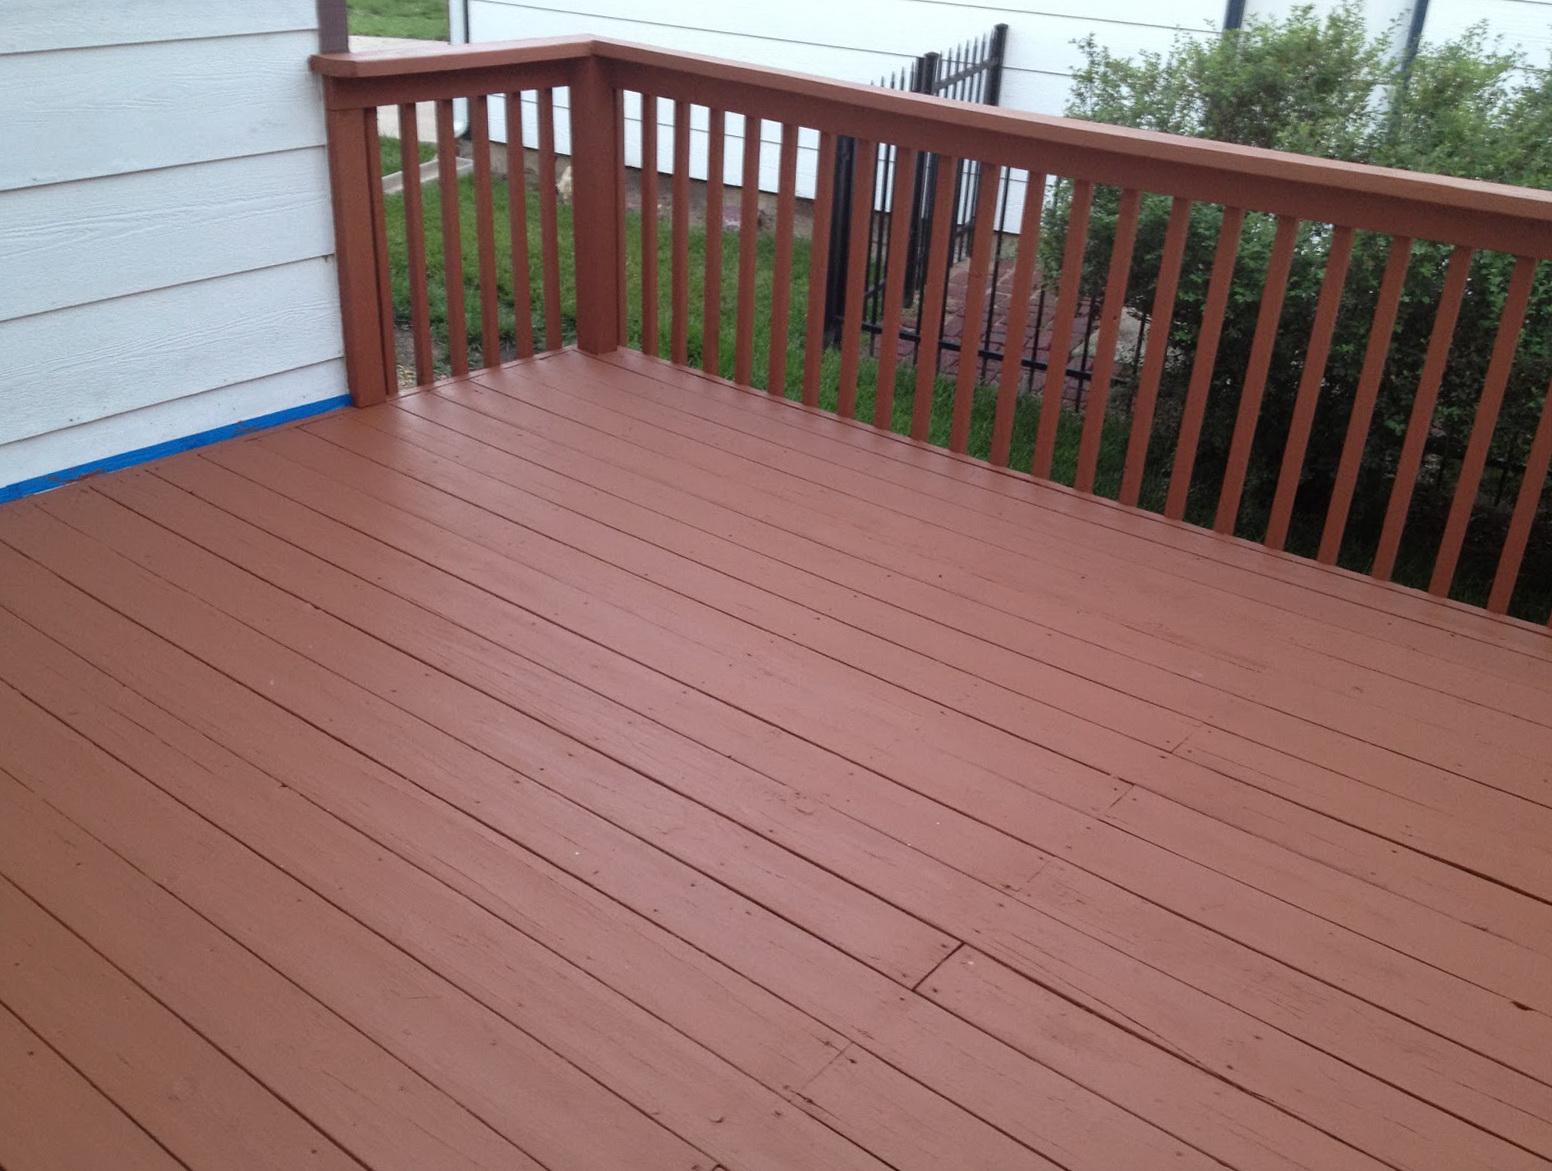 Joyous Behr Deck Over Colors Behr Deck Over Colors Home Design Ideas Behr Deck Over Prep Behr Deck Over Walnut houzz 01 Behr Deck Over